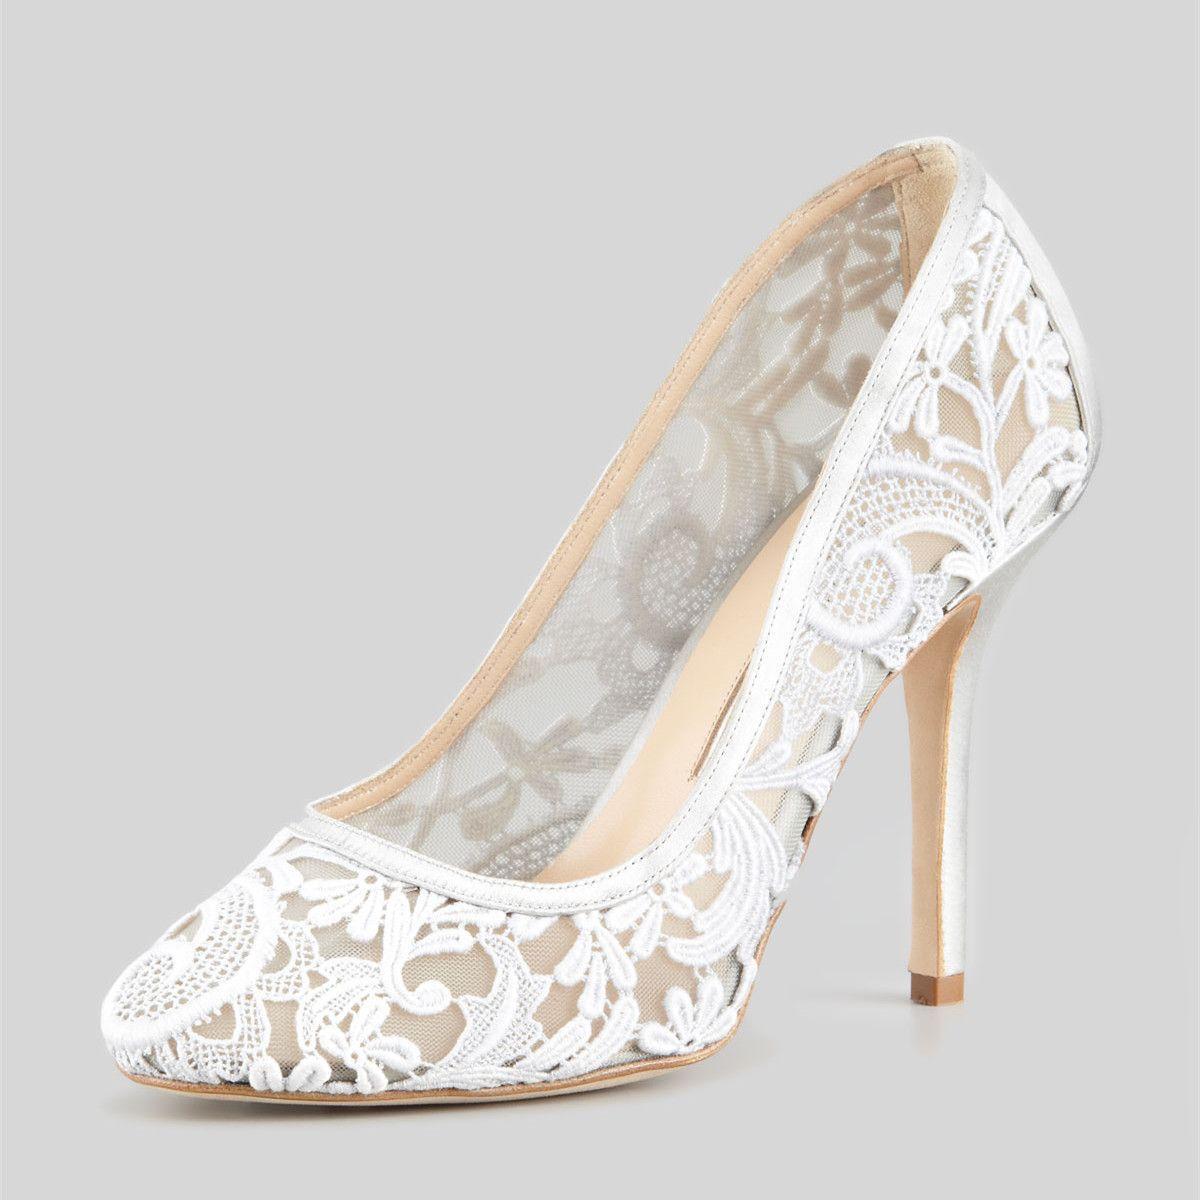 94d6e3e80263 Women s White Closed Toe Lace Stiletto Heel Pumps Bridal Shoes   elegantshoegirl  shoes  ankle  boots  flats  fashions  womens